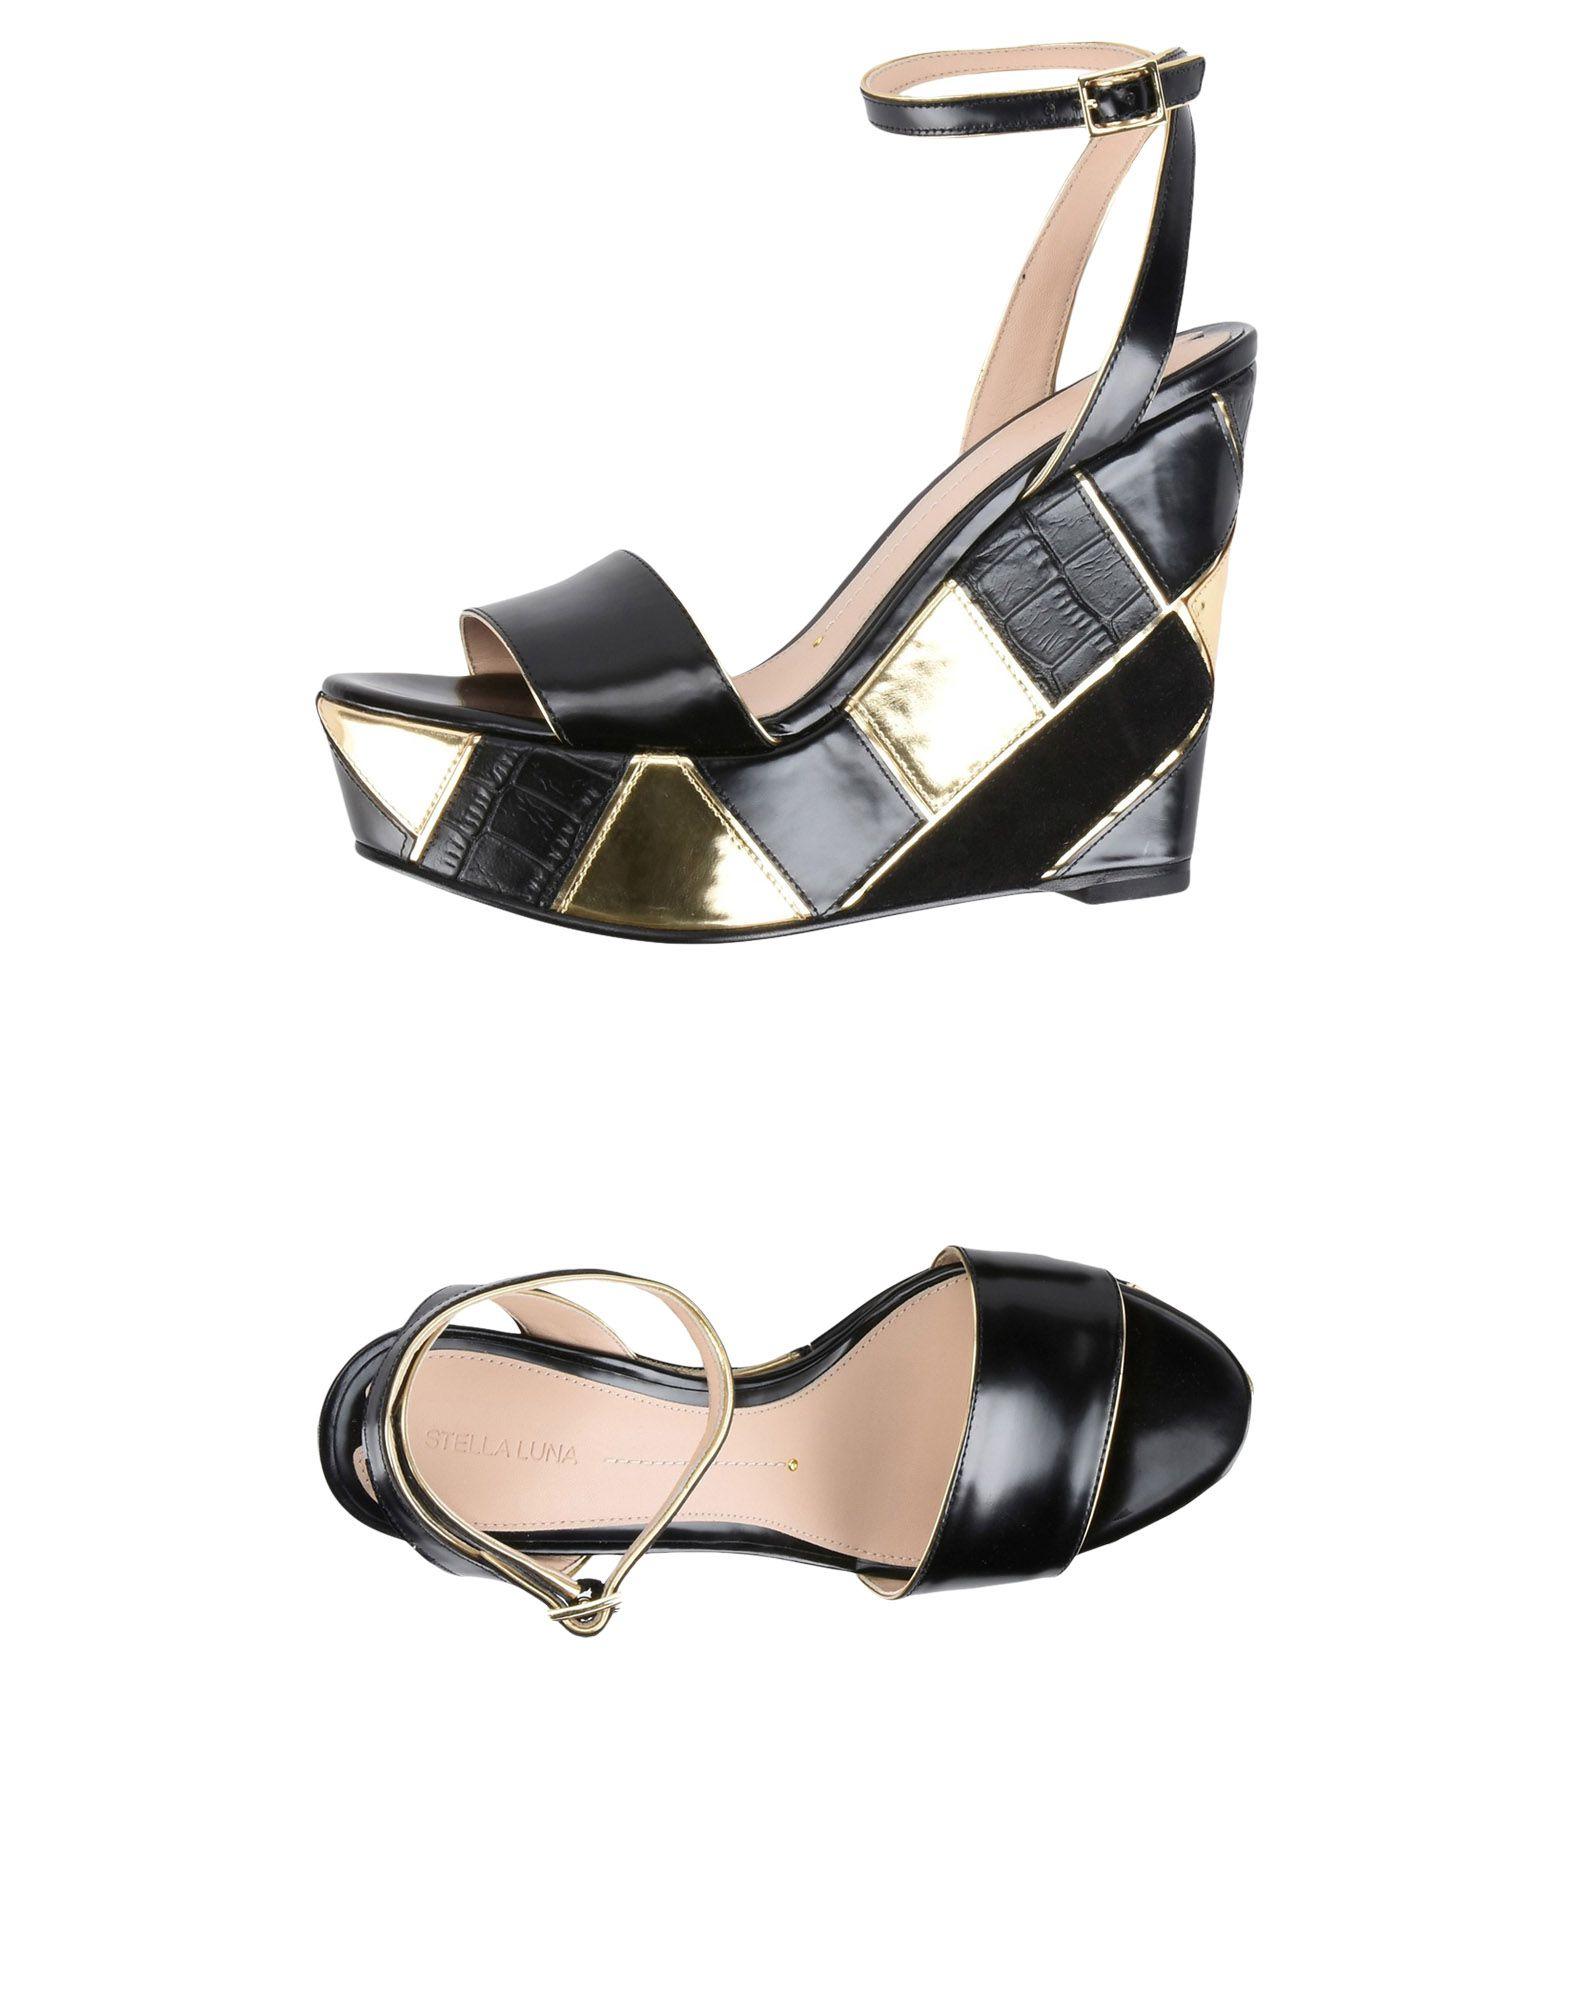 Gut um billige Schuhe zu tragenStella Luna Sandalen Damen  11394135NB